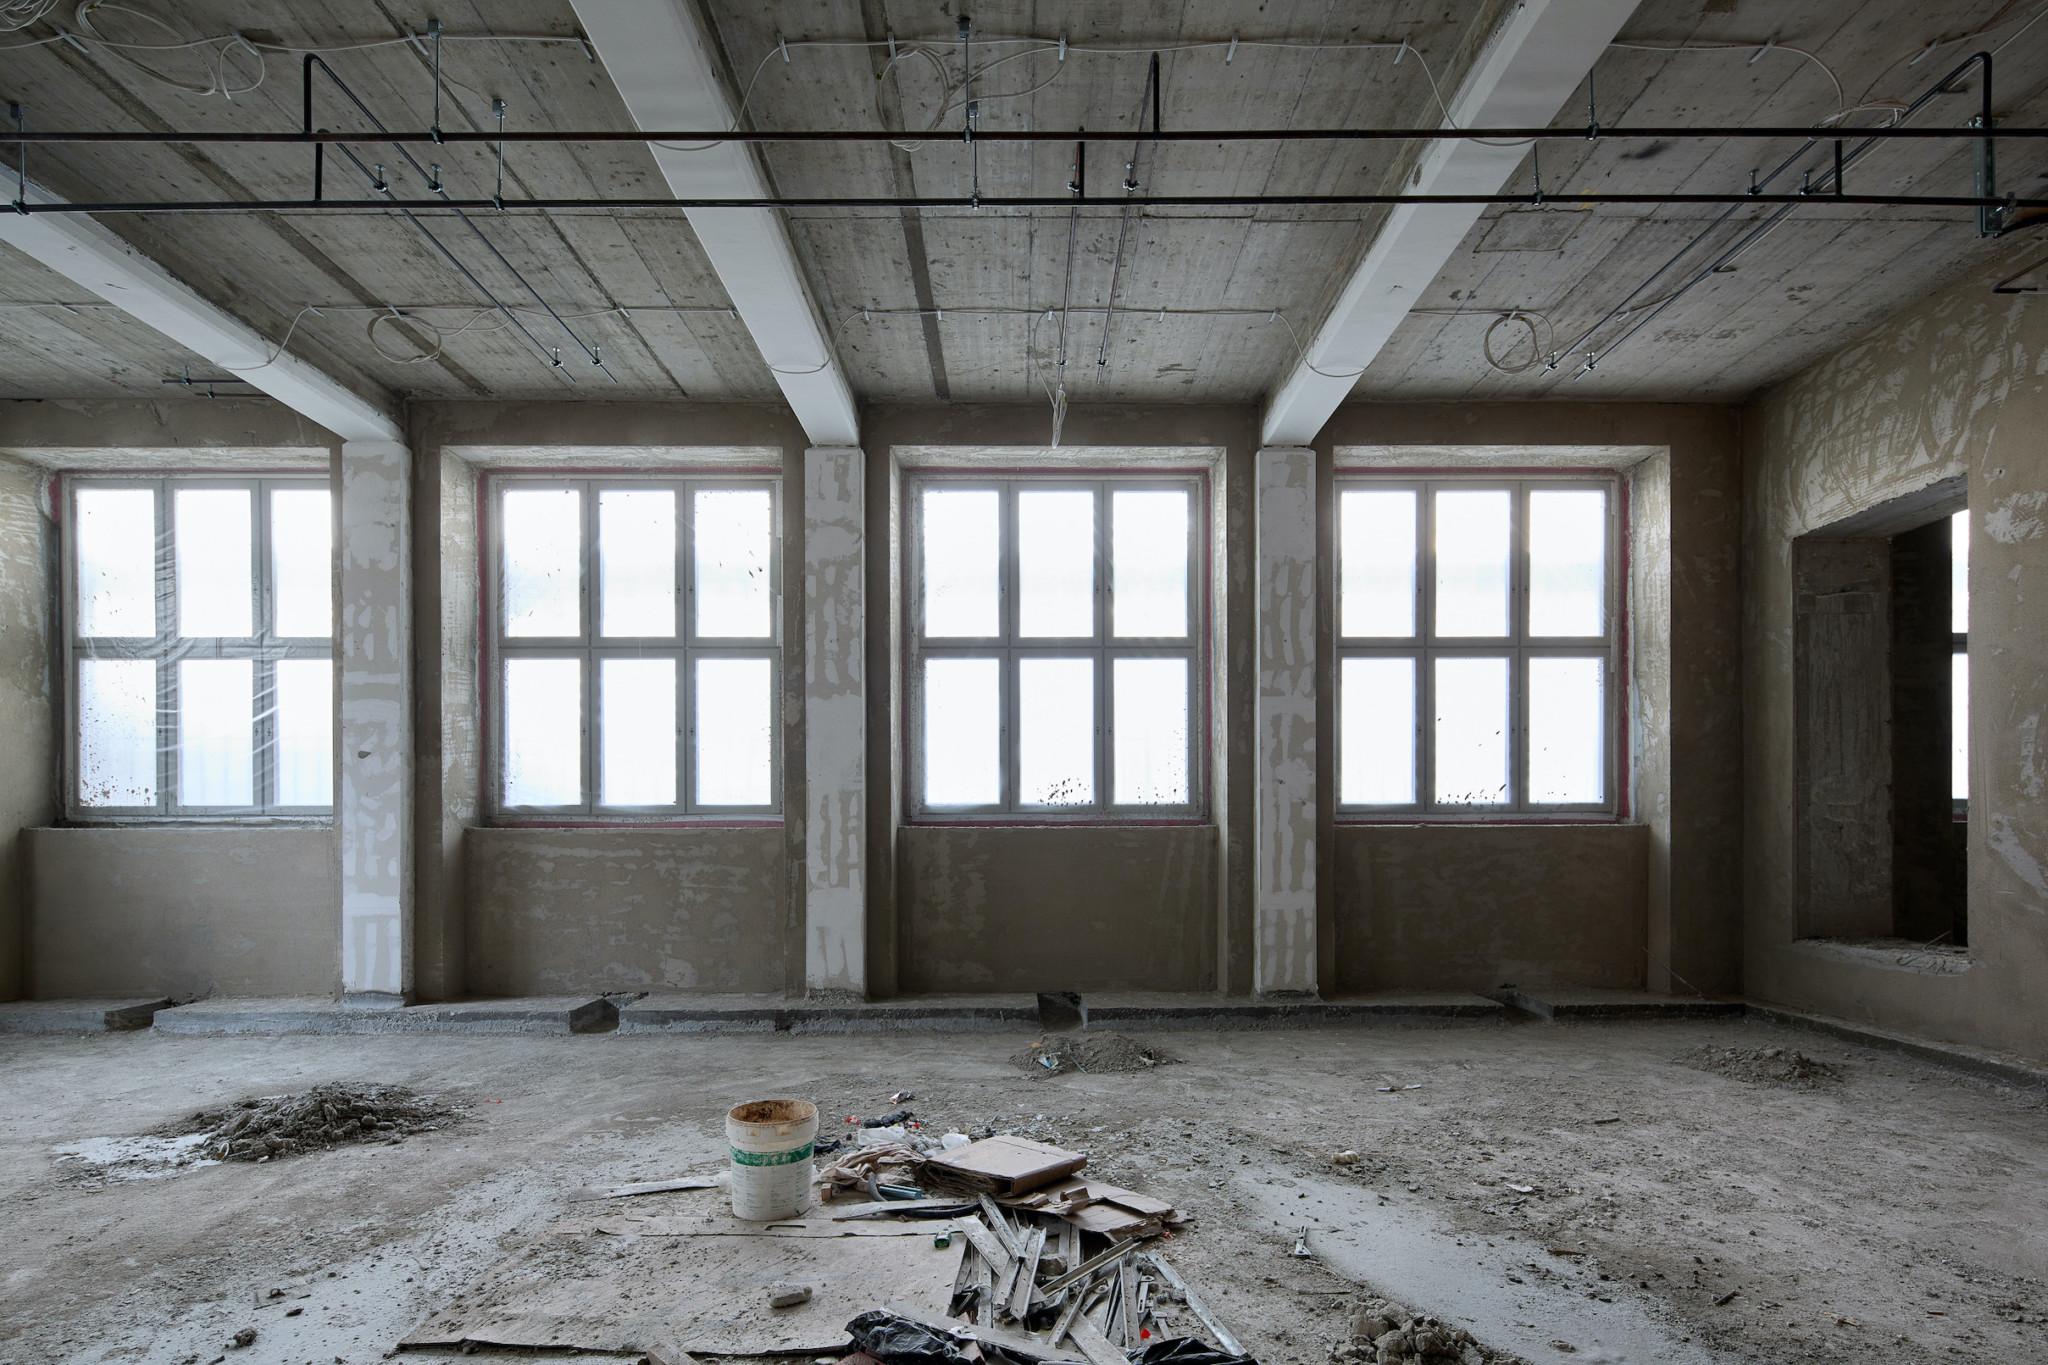 Ein sehr großes Zimmer im Rohbau, auf dem Boden liegt Schutt. Es könnte auch eine verlassene Fabrikhalle sein, wenn man nicht wüsste, dass es neu gebaut wird.